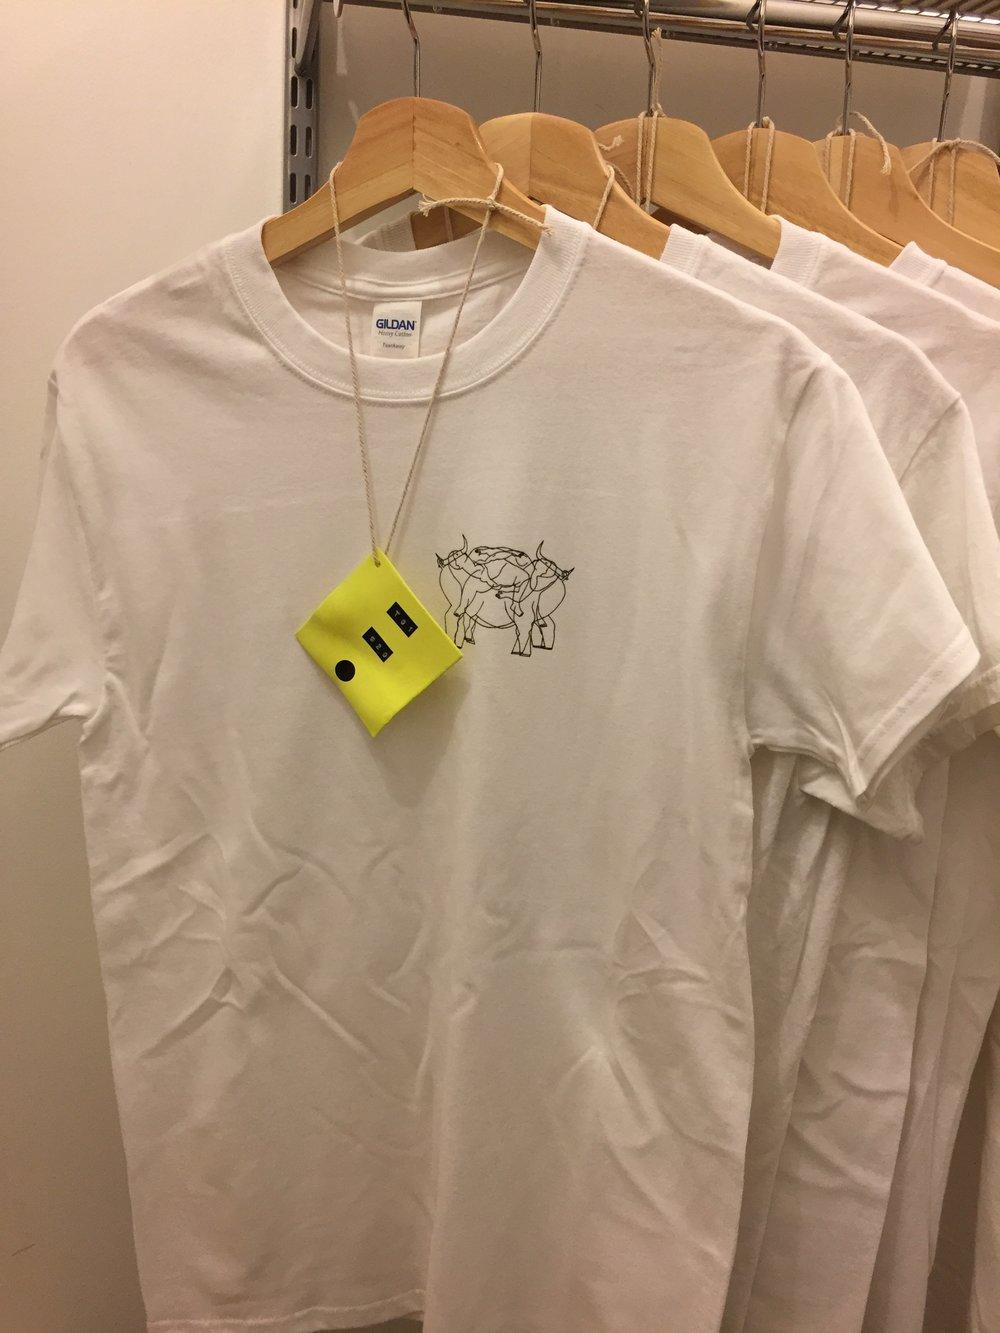 t-shirts 02.JPG